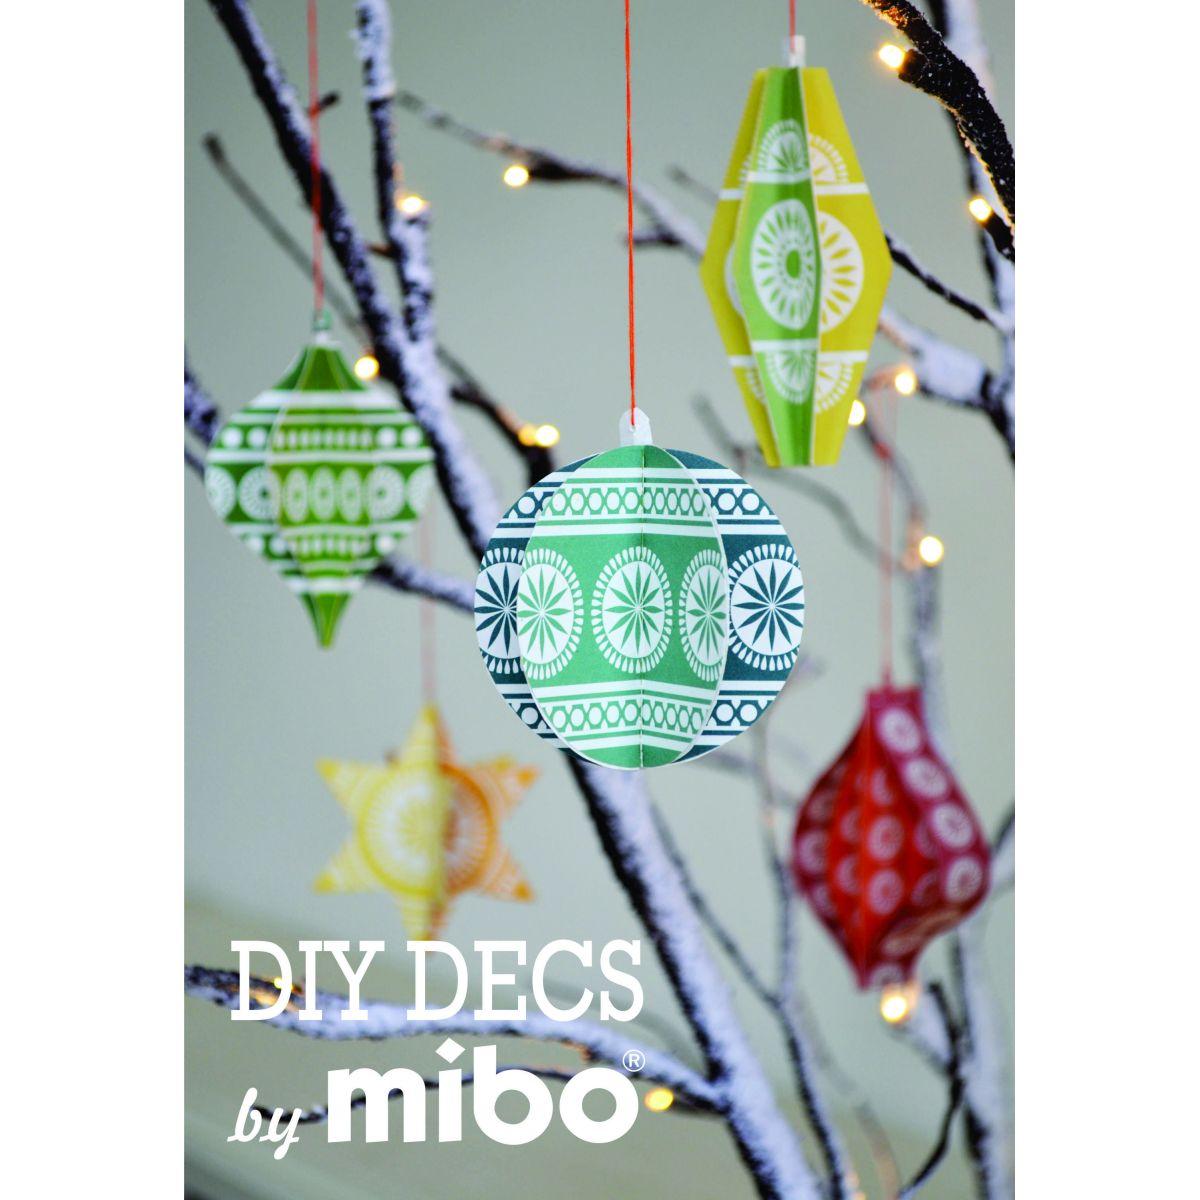 #A8A922 Décorations De Noël DIY (set De 5 Décorations) Sebio 5765 idées décorations noel diy 1200x1200 px @ aertt.com